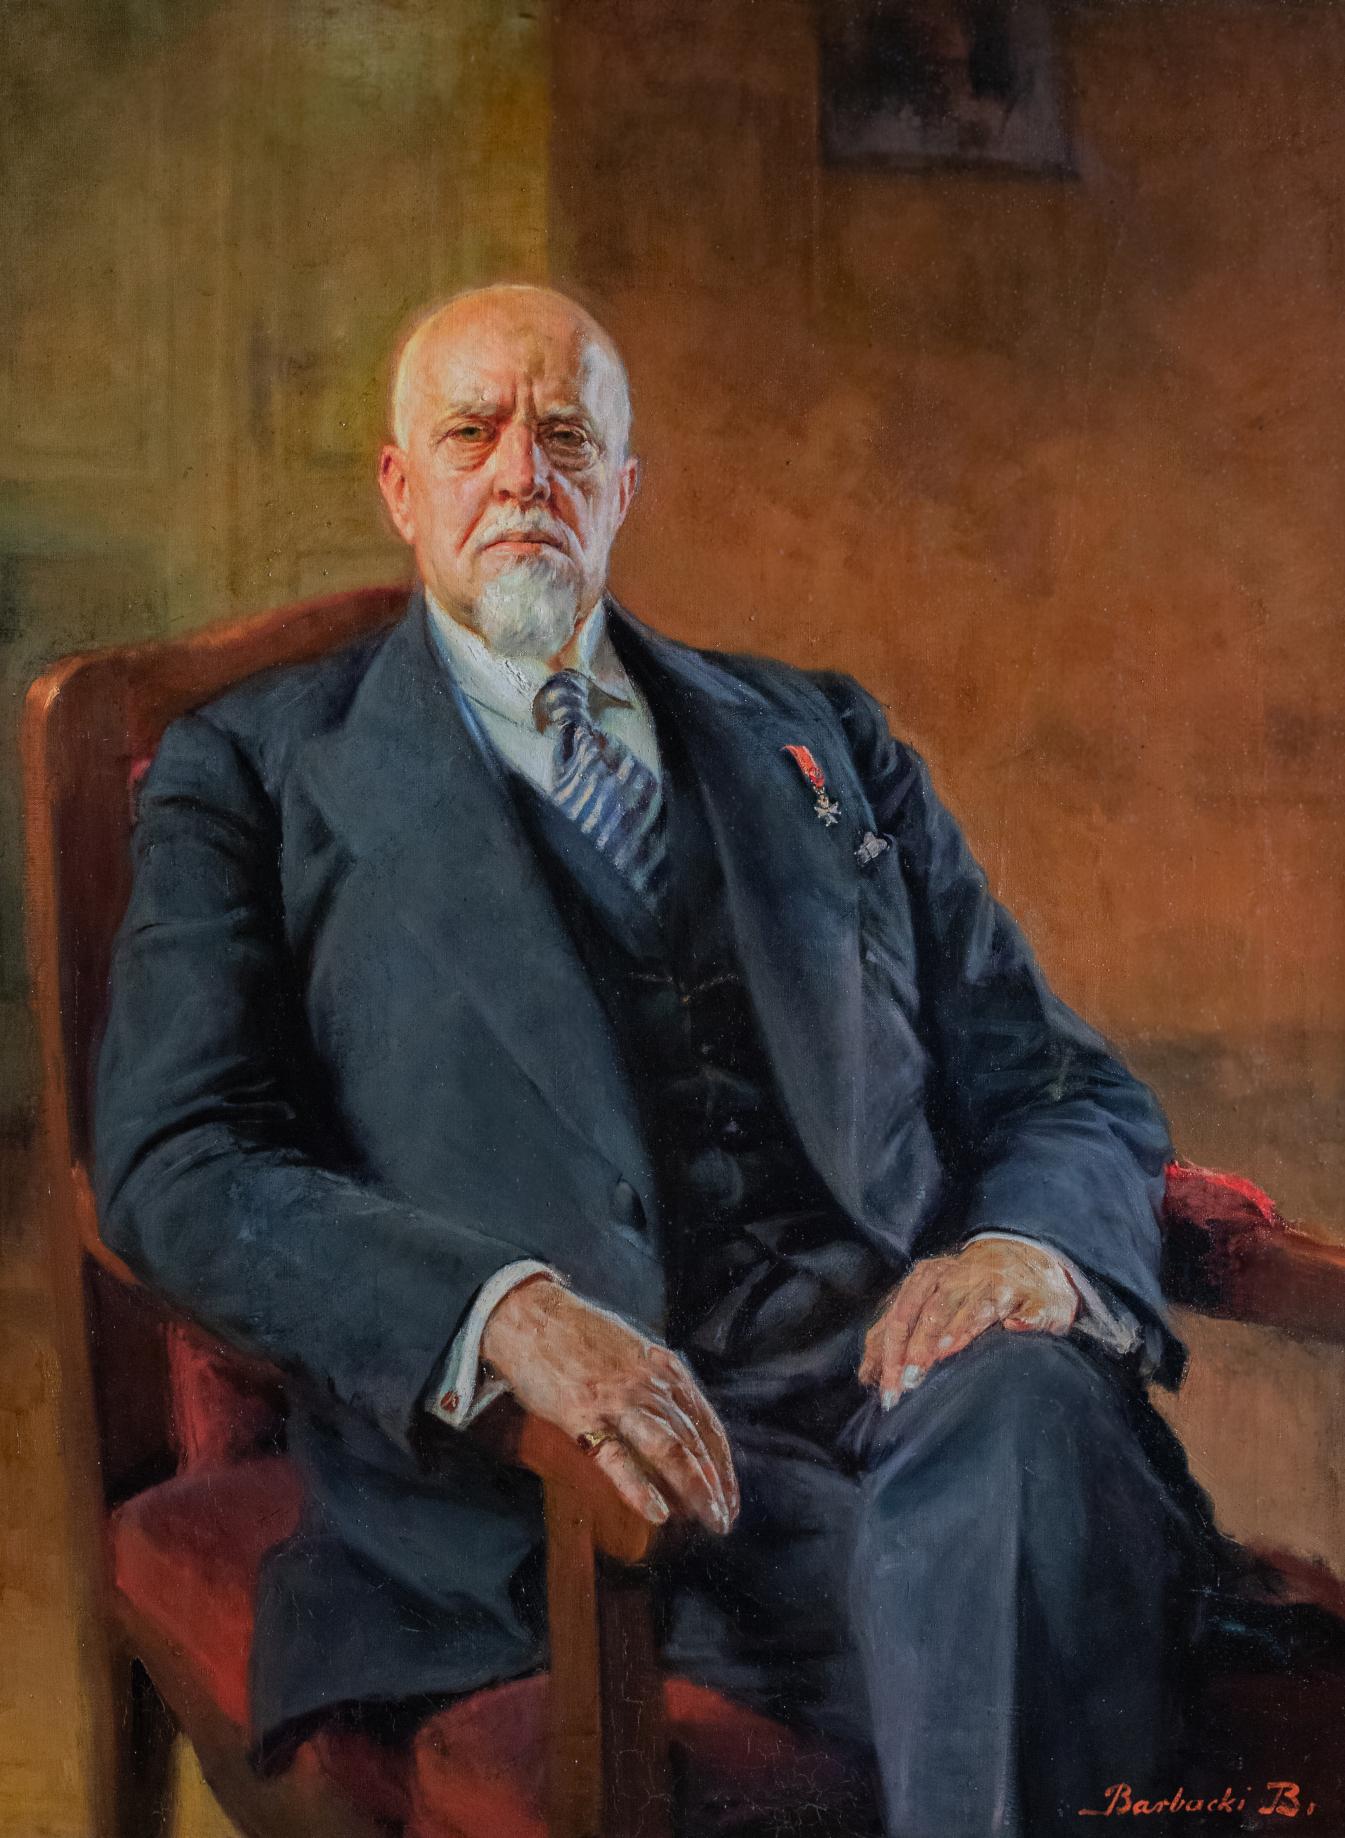 Obraz starszego mężczyzny w garniturze, który siedzi w fotelu